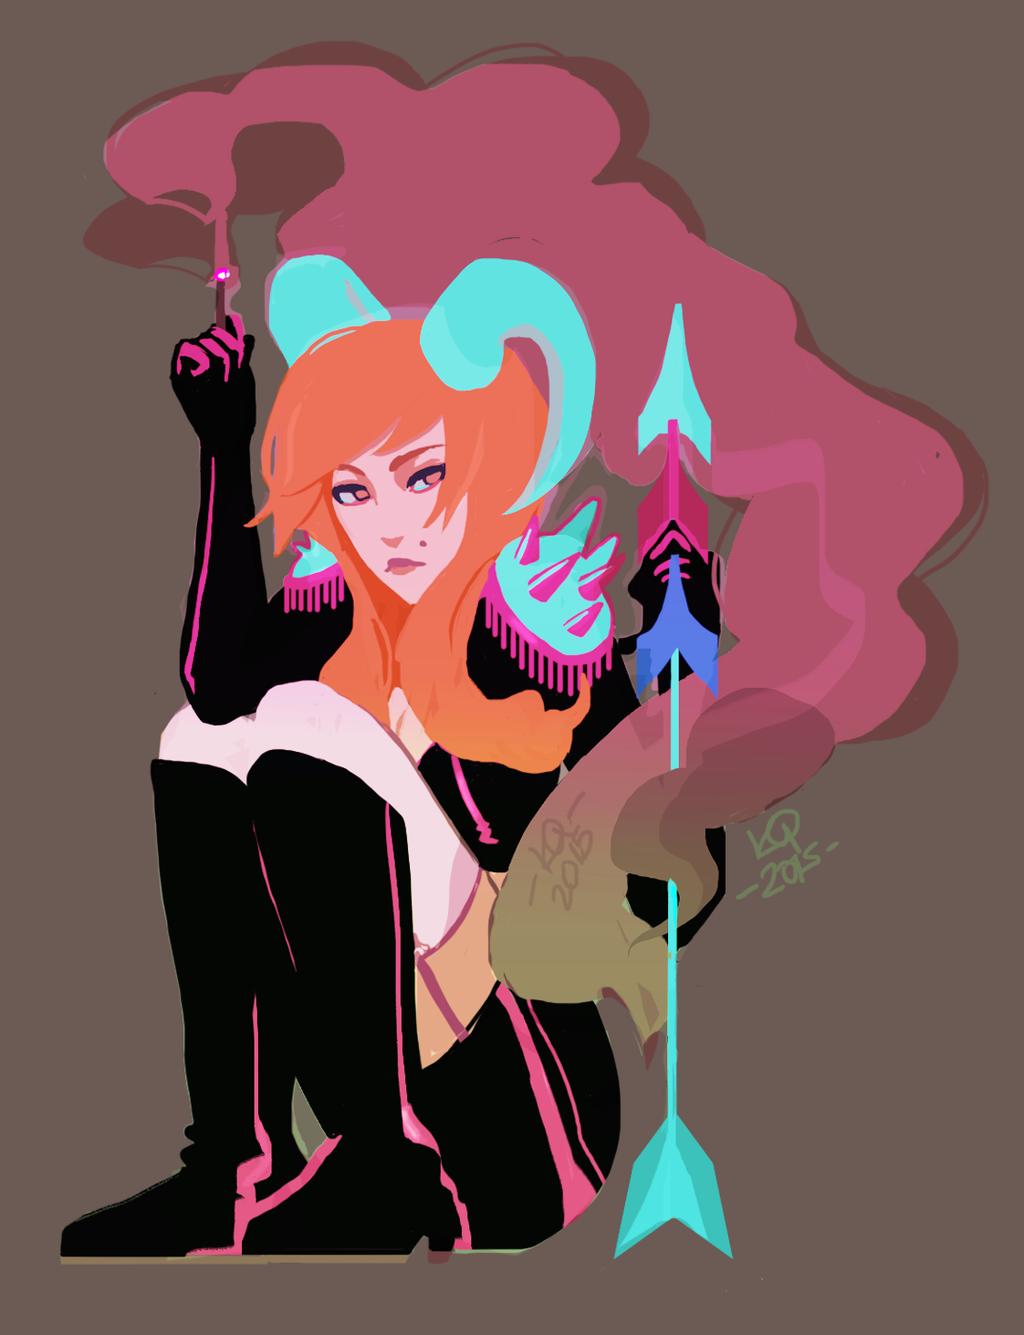 demon girl sticker 2 by artmunnn